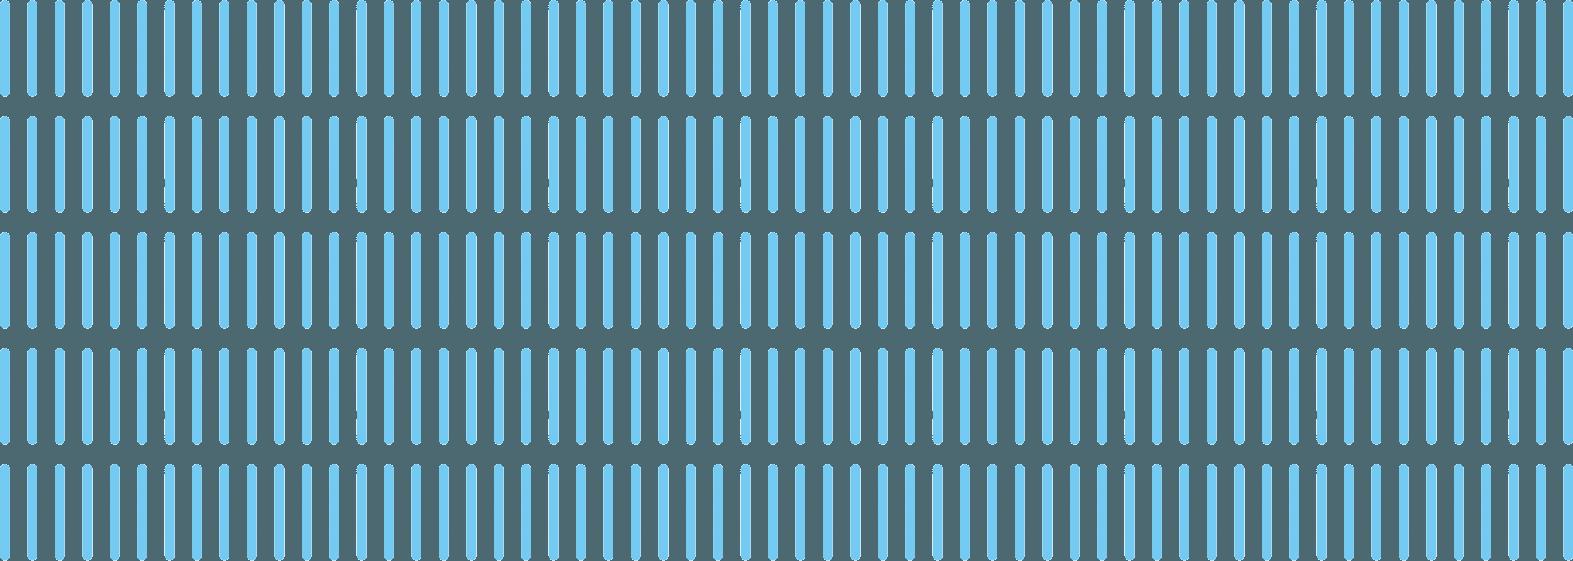 Fondo barras logo